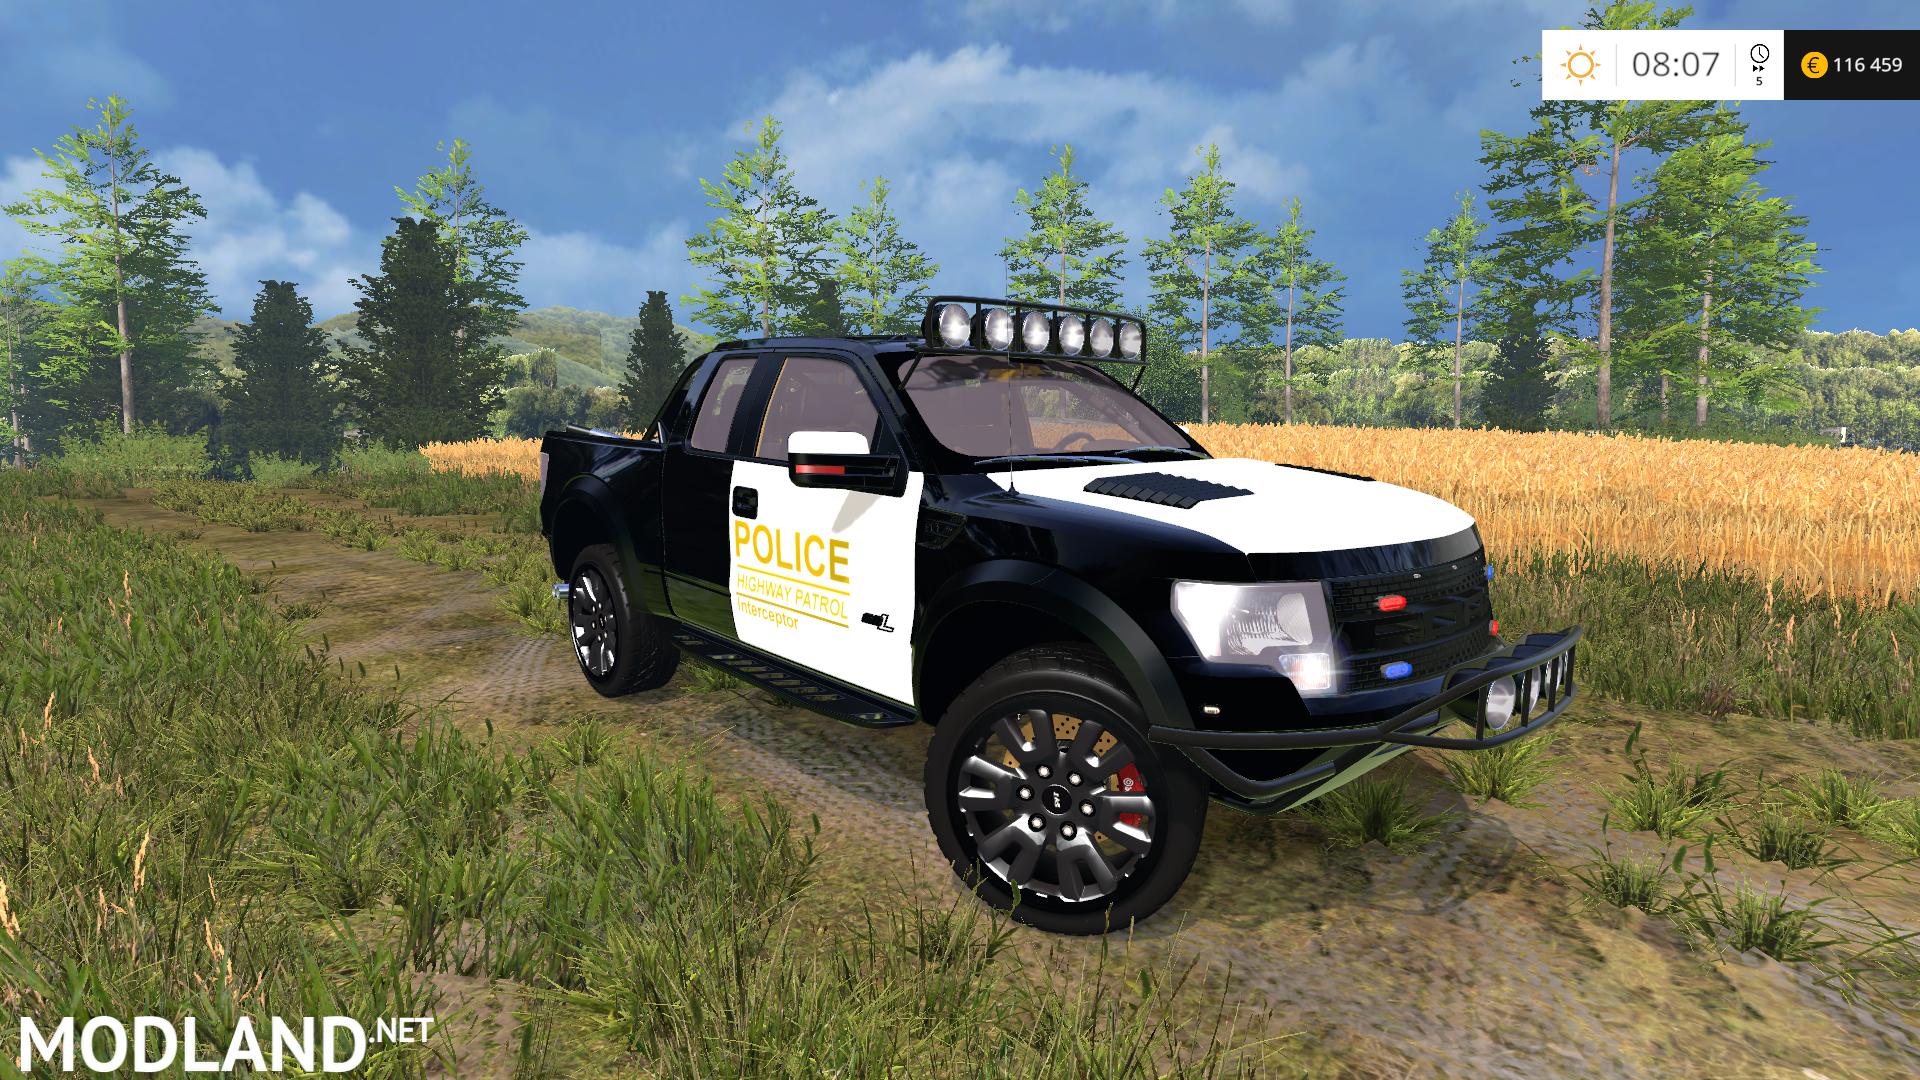 Ford F150 Police Raptor v 1.0 mod for Farming Simulator 2015 / 15 | FS ...